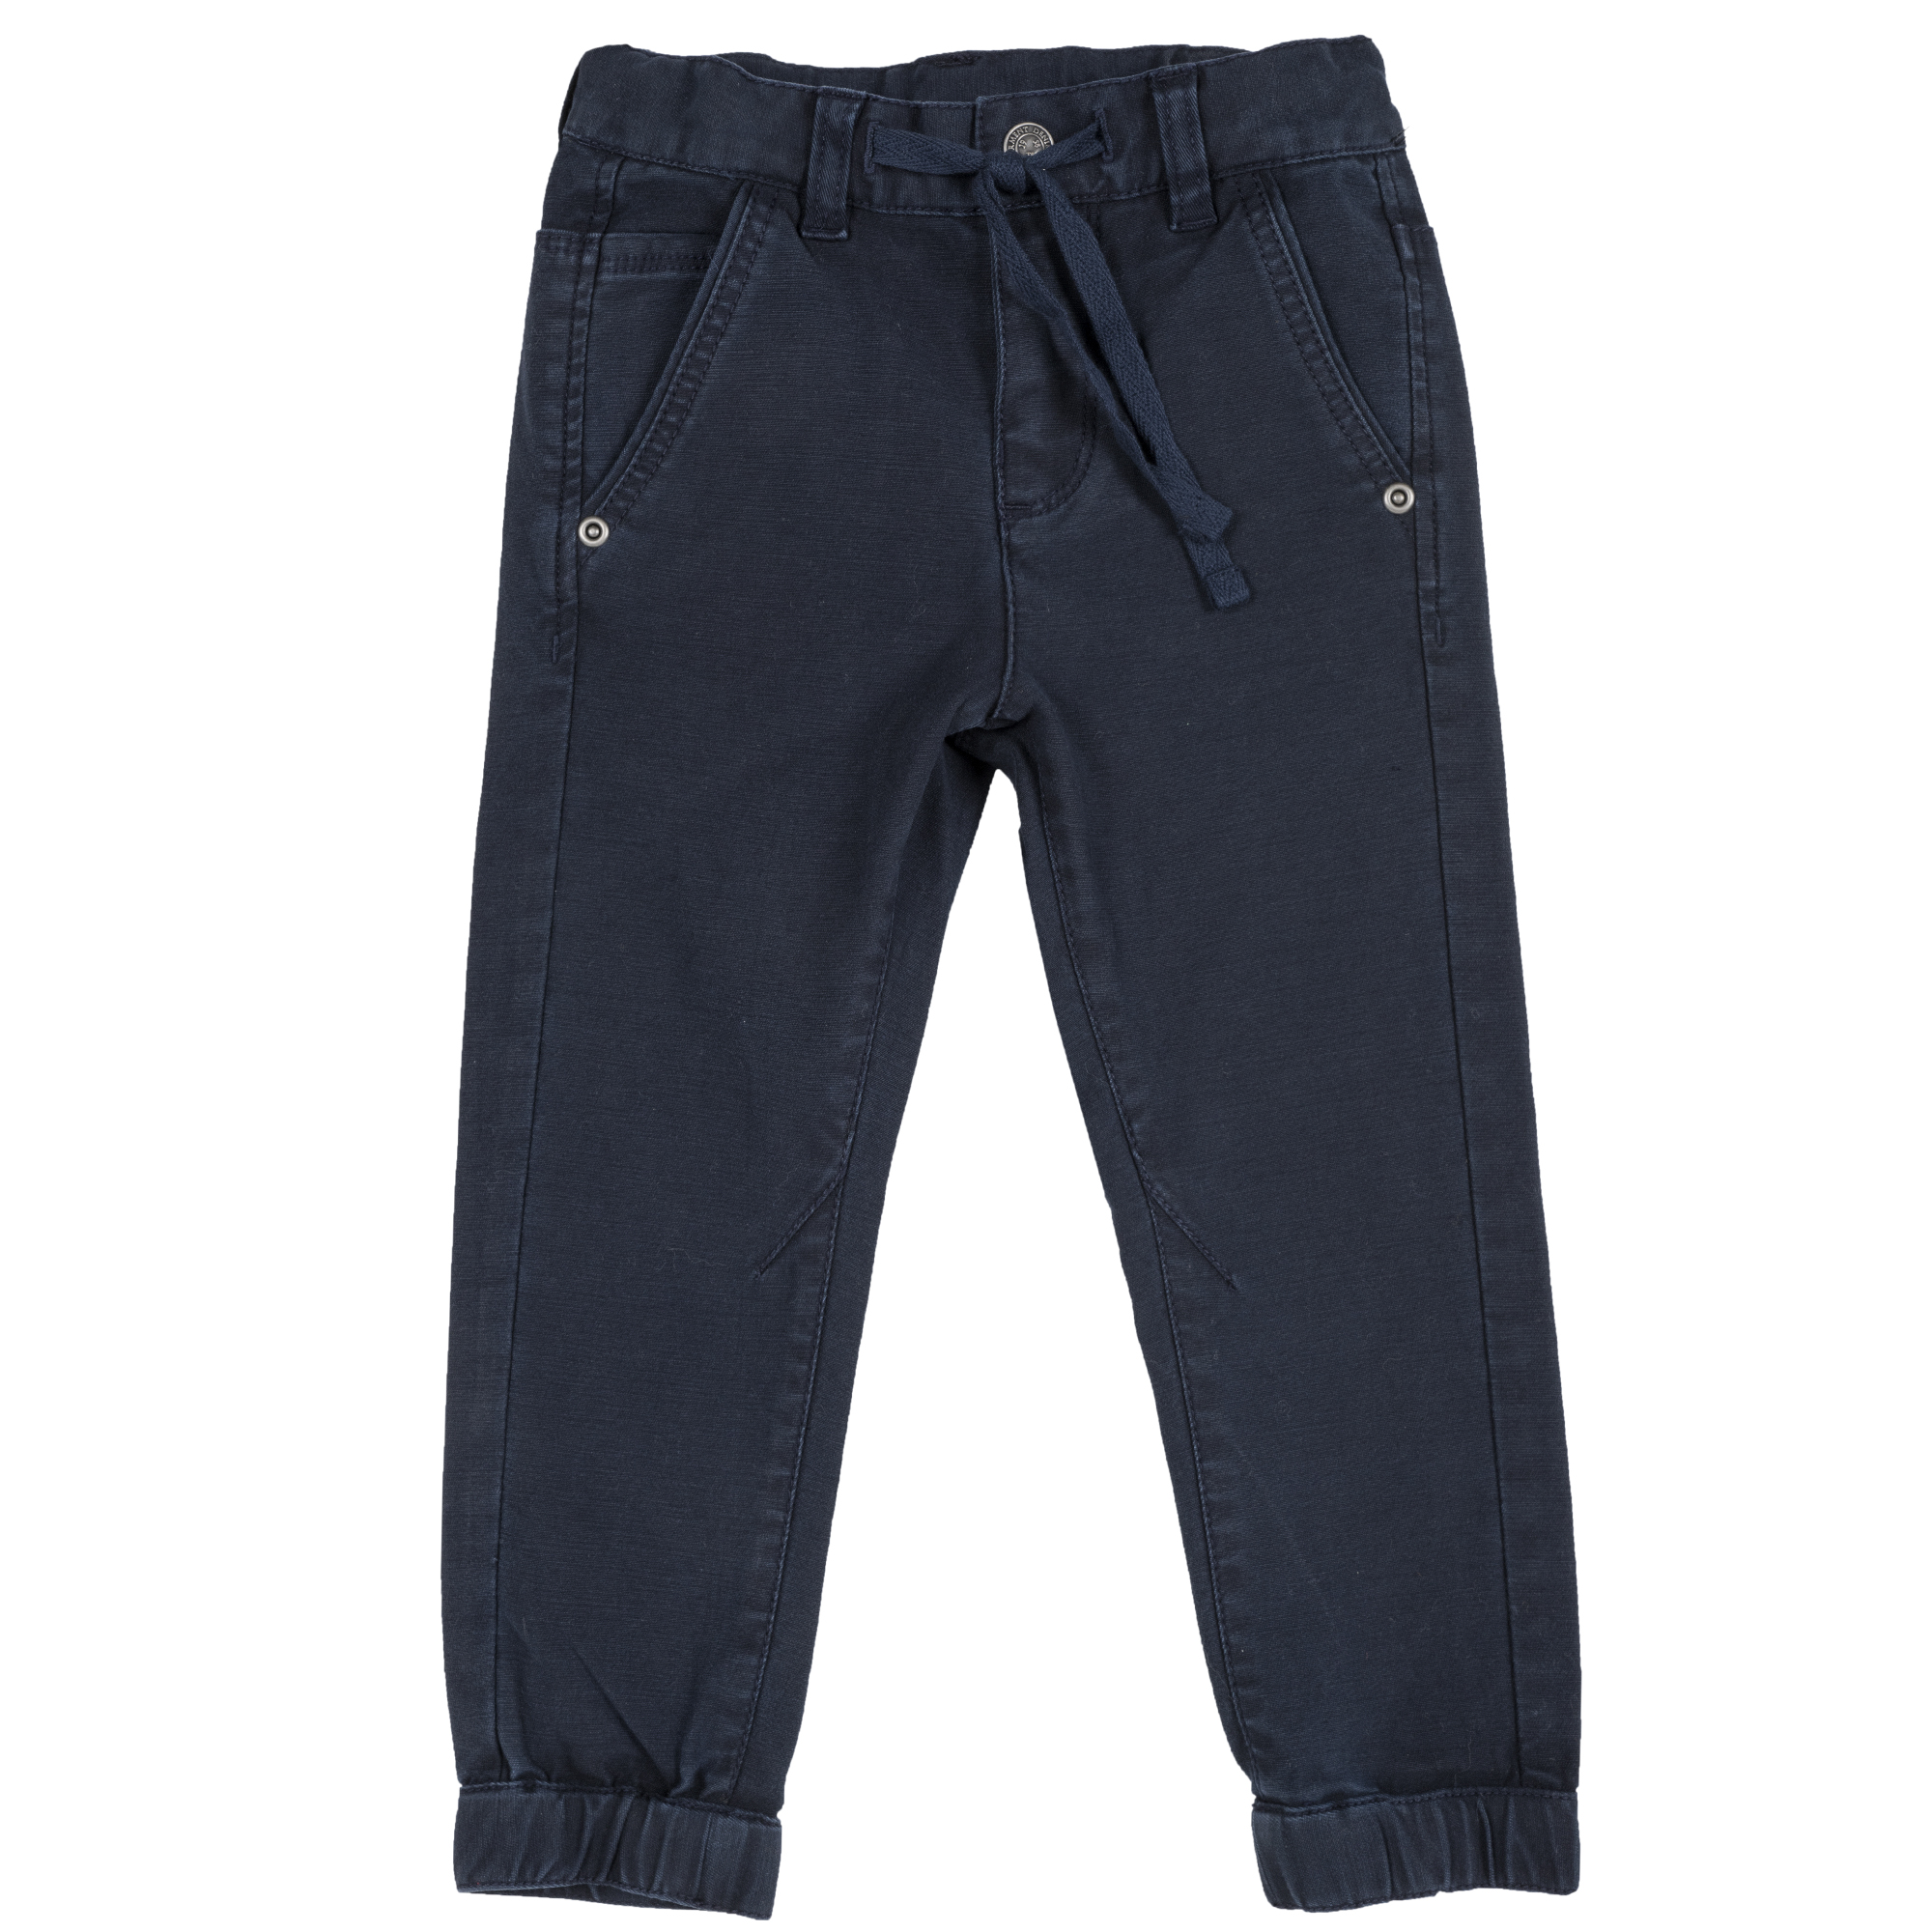 Pantalon copii Chicco, albastru